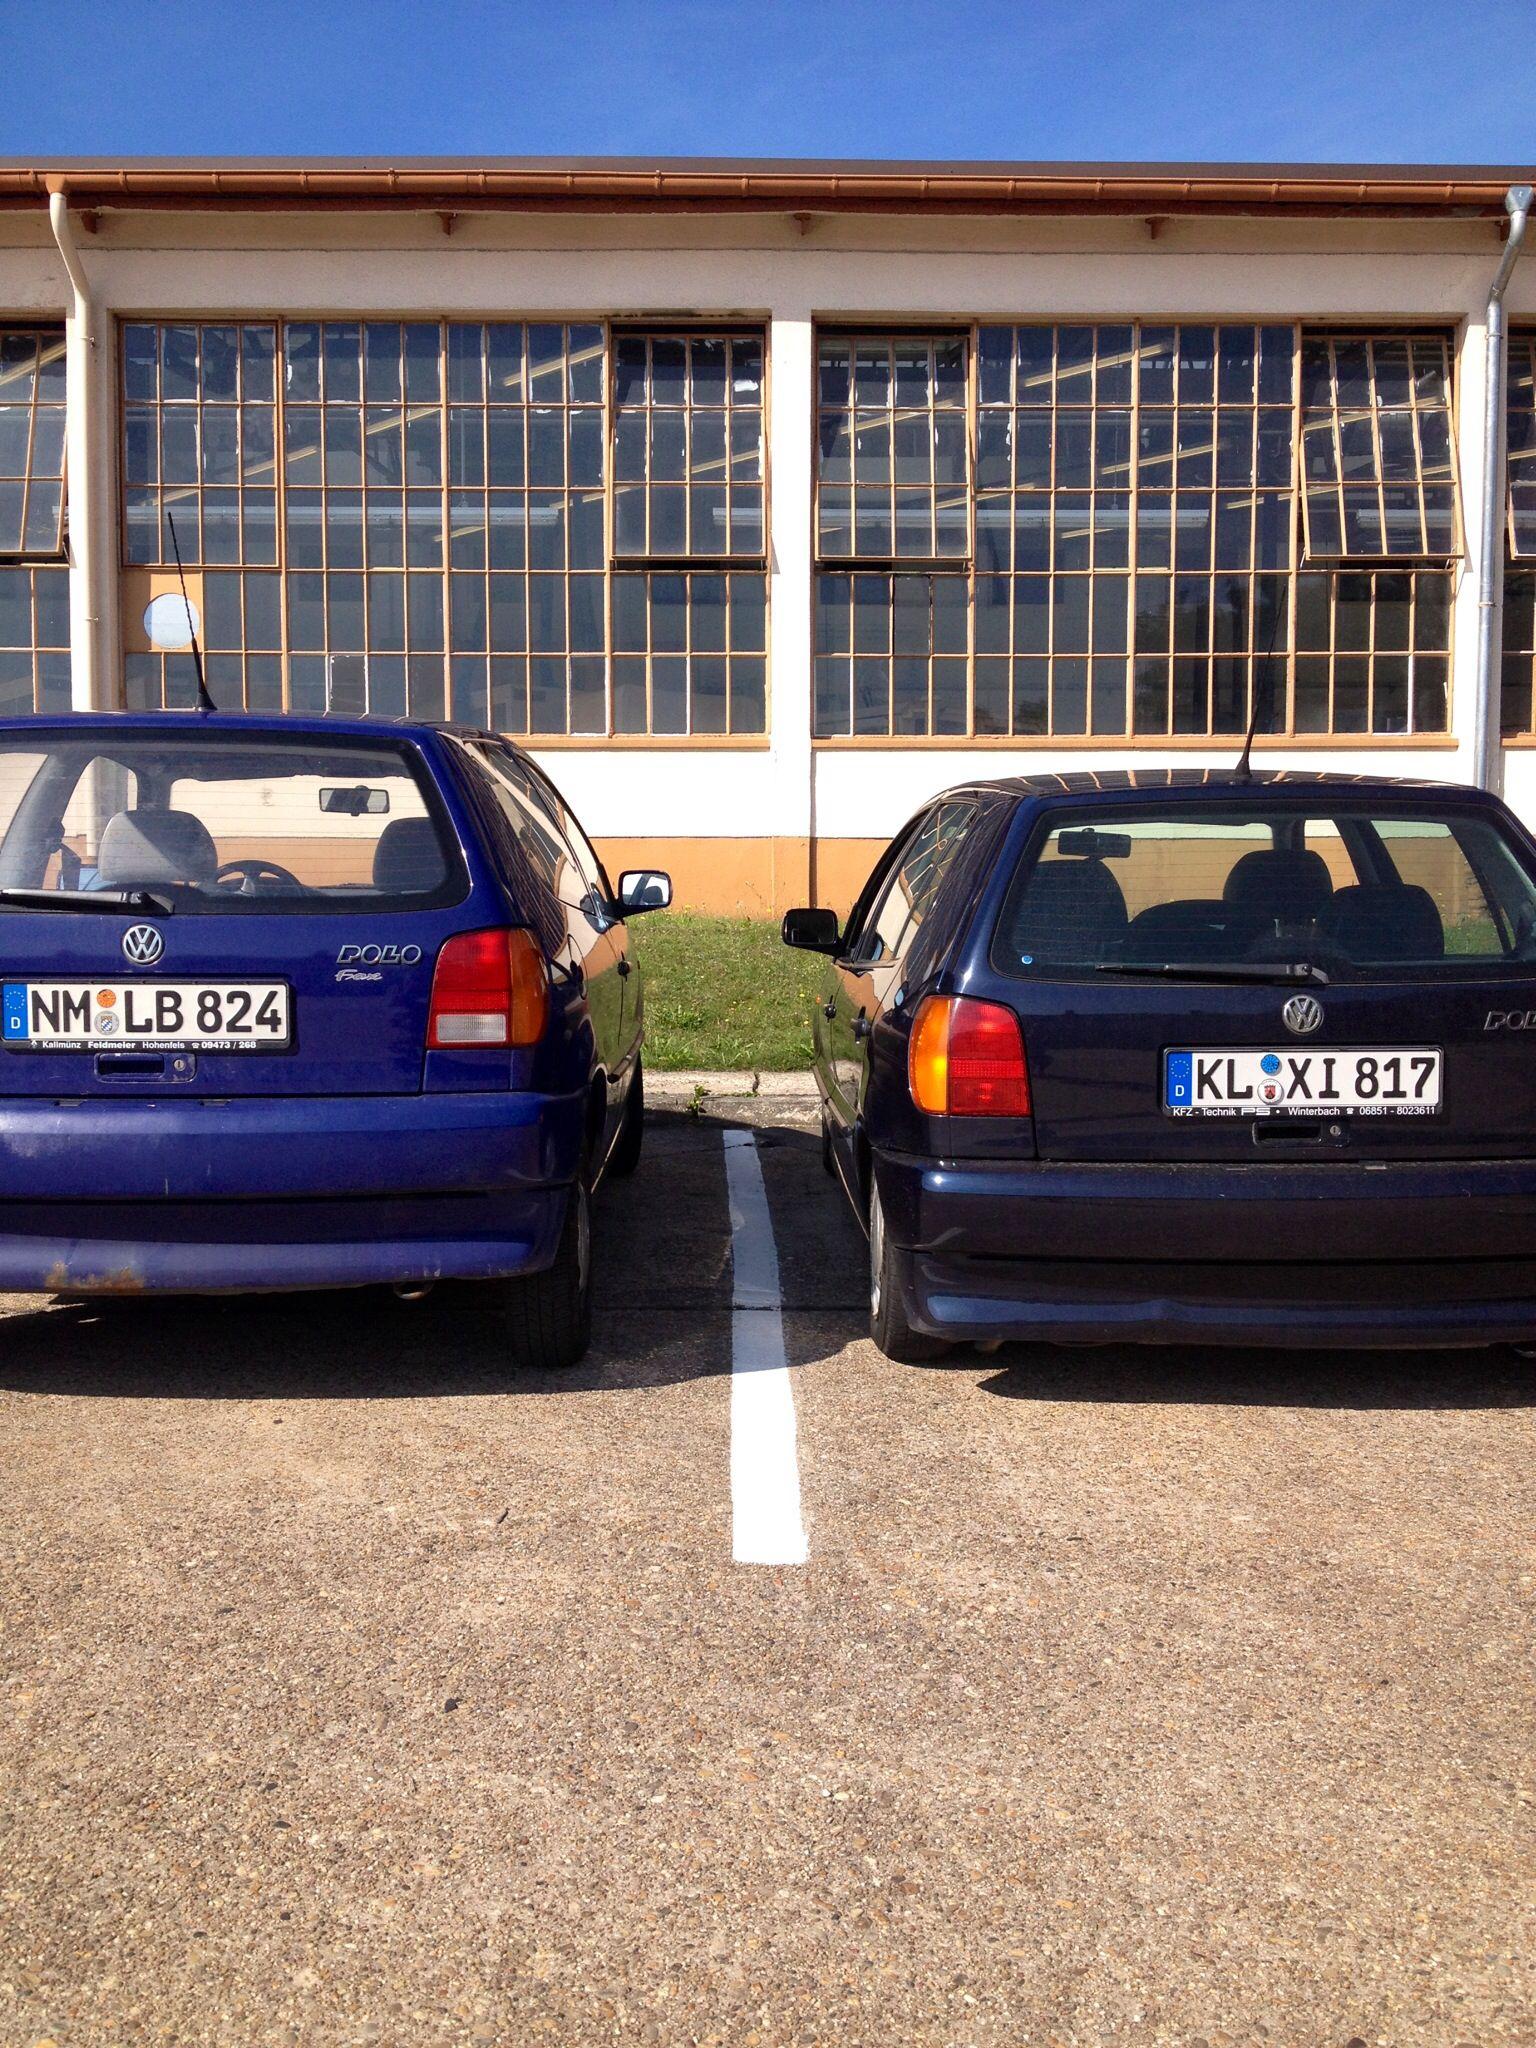 Stock Vs Slammed Vw Polo Vw Polo 6n Vdub Volkswagen Lowered Dropped Slammed Vw Carros